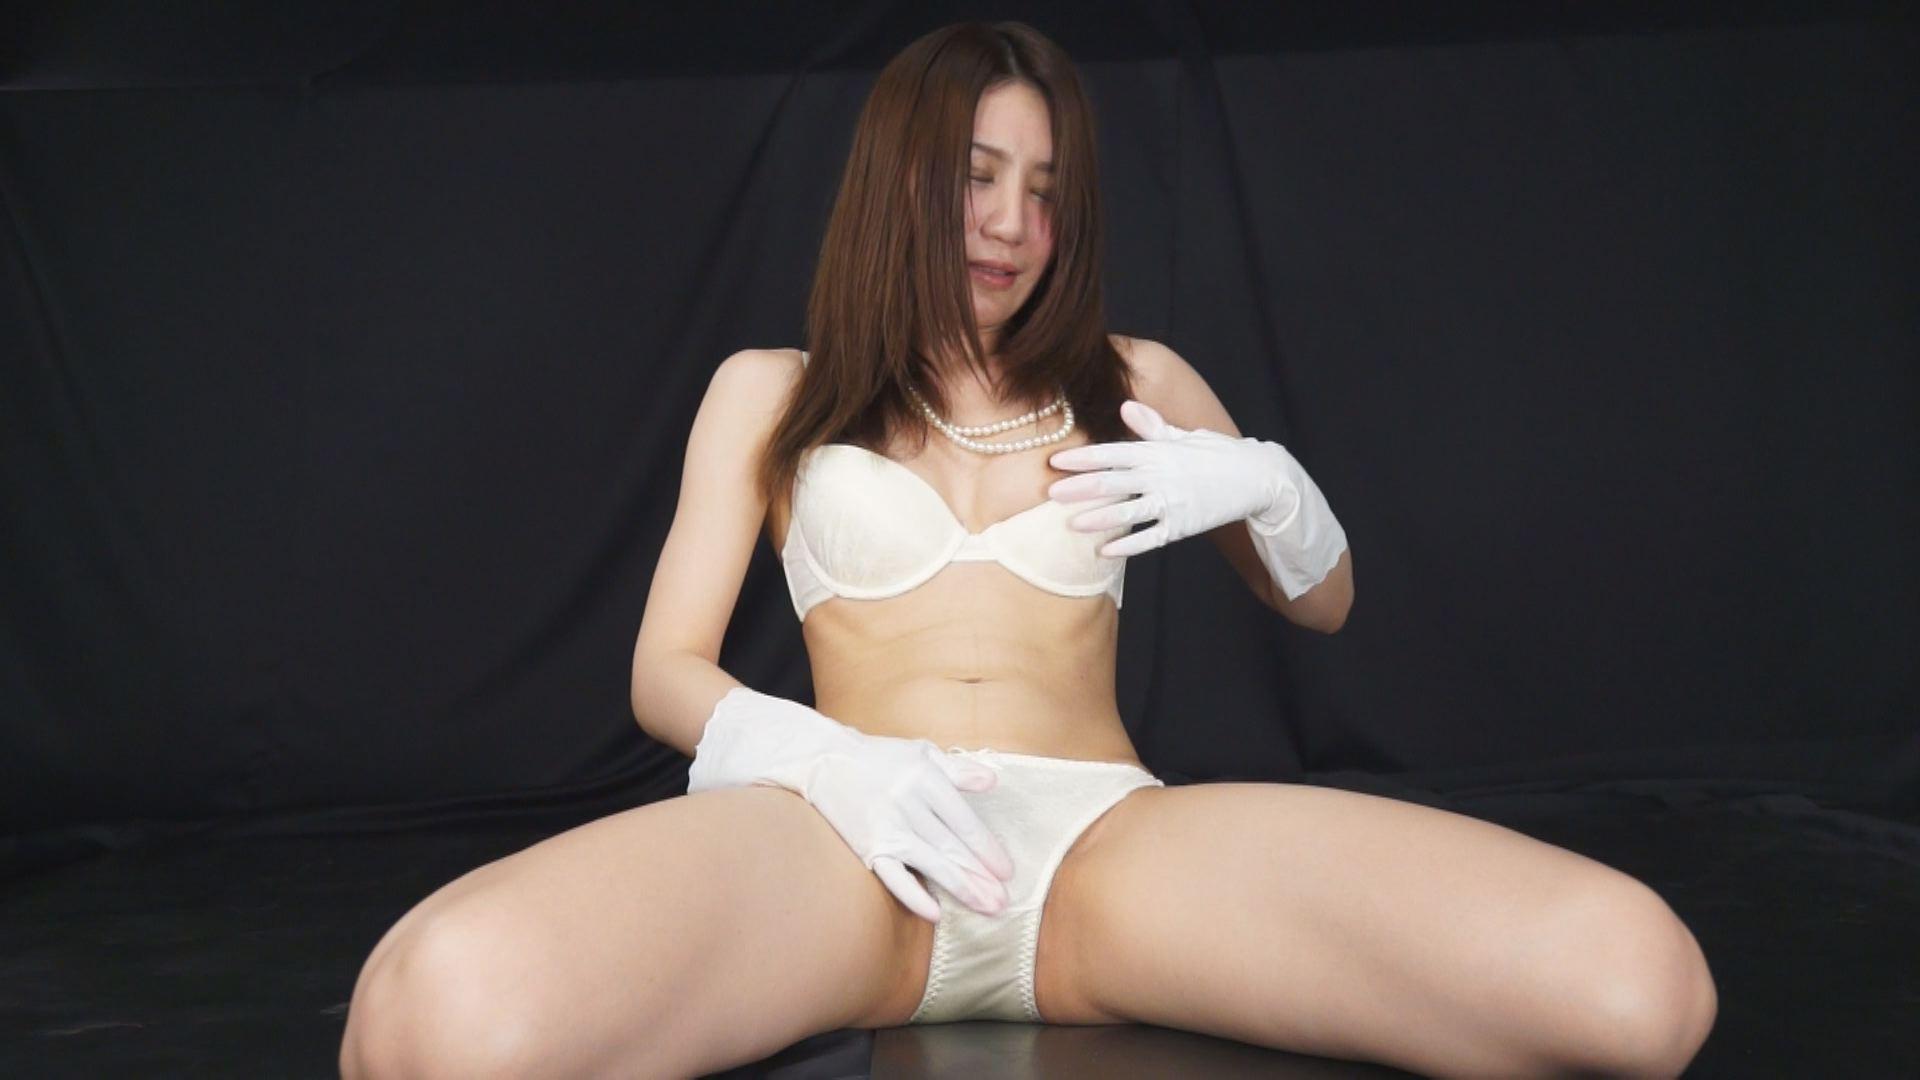 NEW ゴム手袋専科 7 サンプル画像05